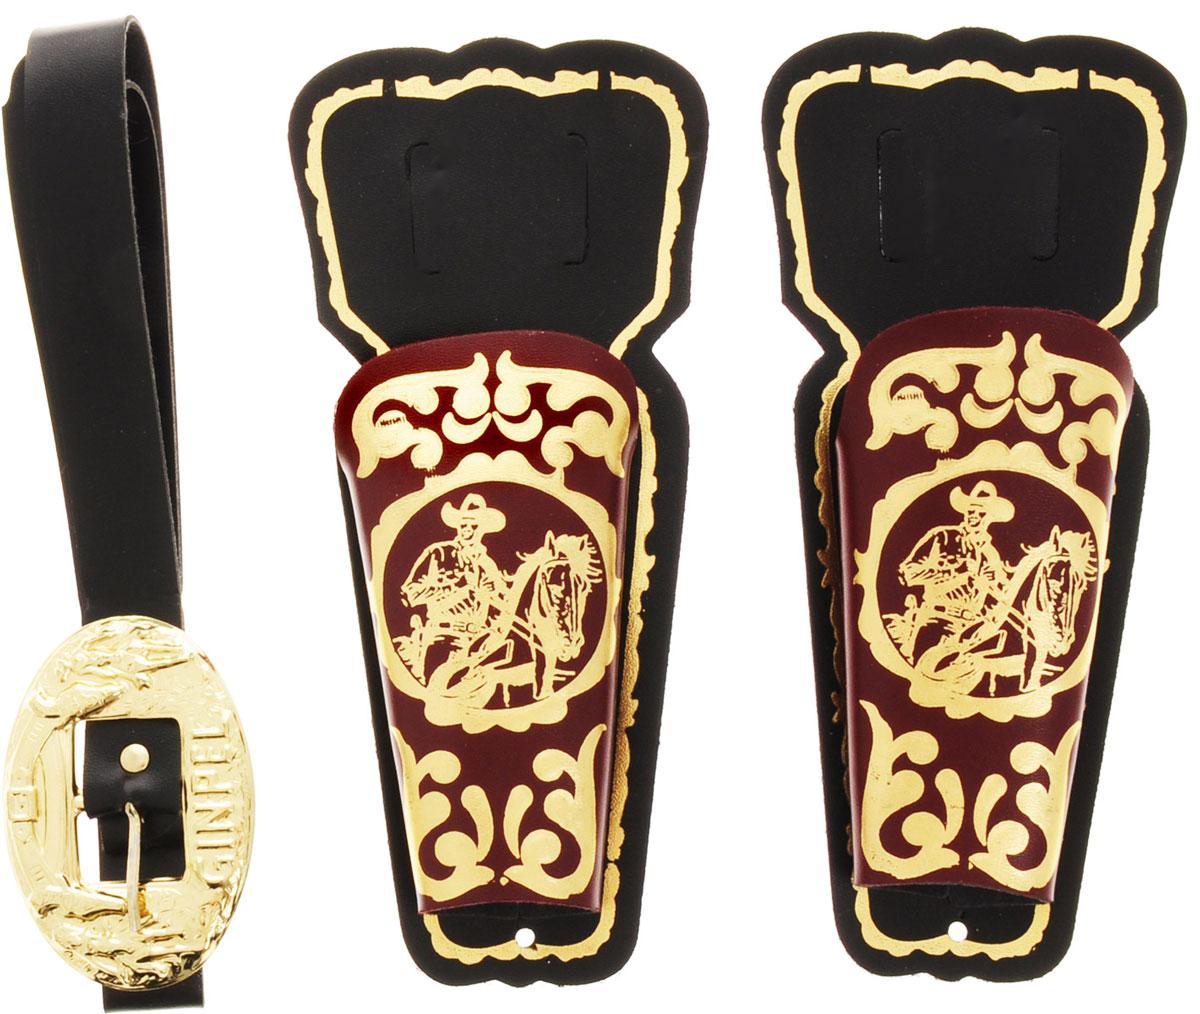 Villa Игровой набор Дикий Запад цвет черный коричневый 3 предмета villa винтовка шериф цвет золотистый